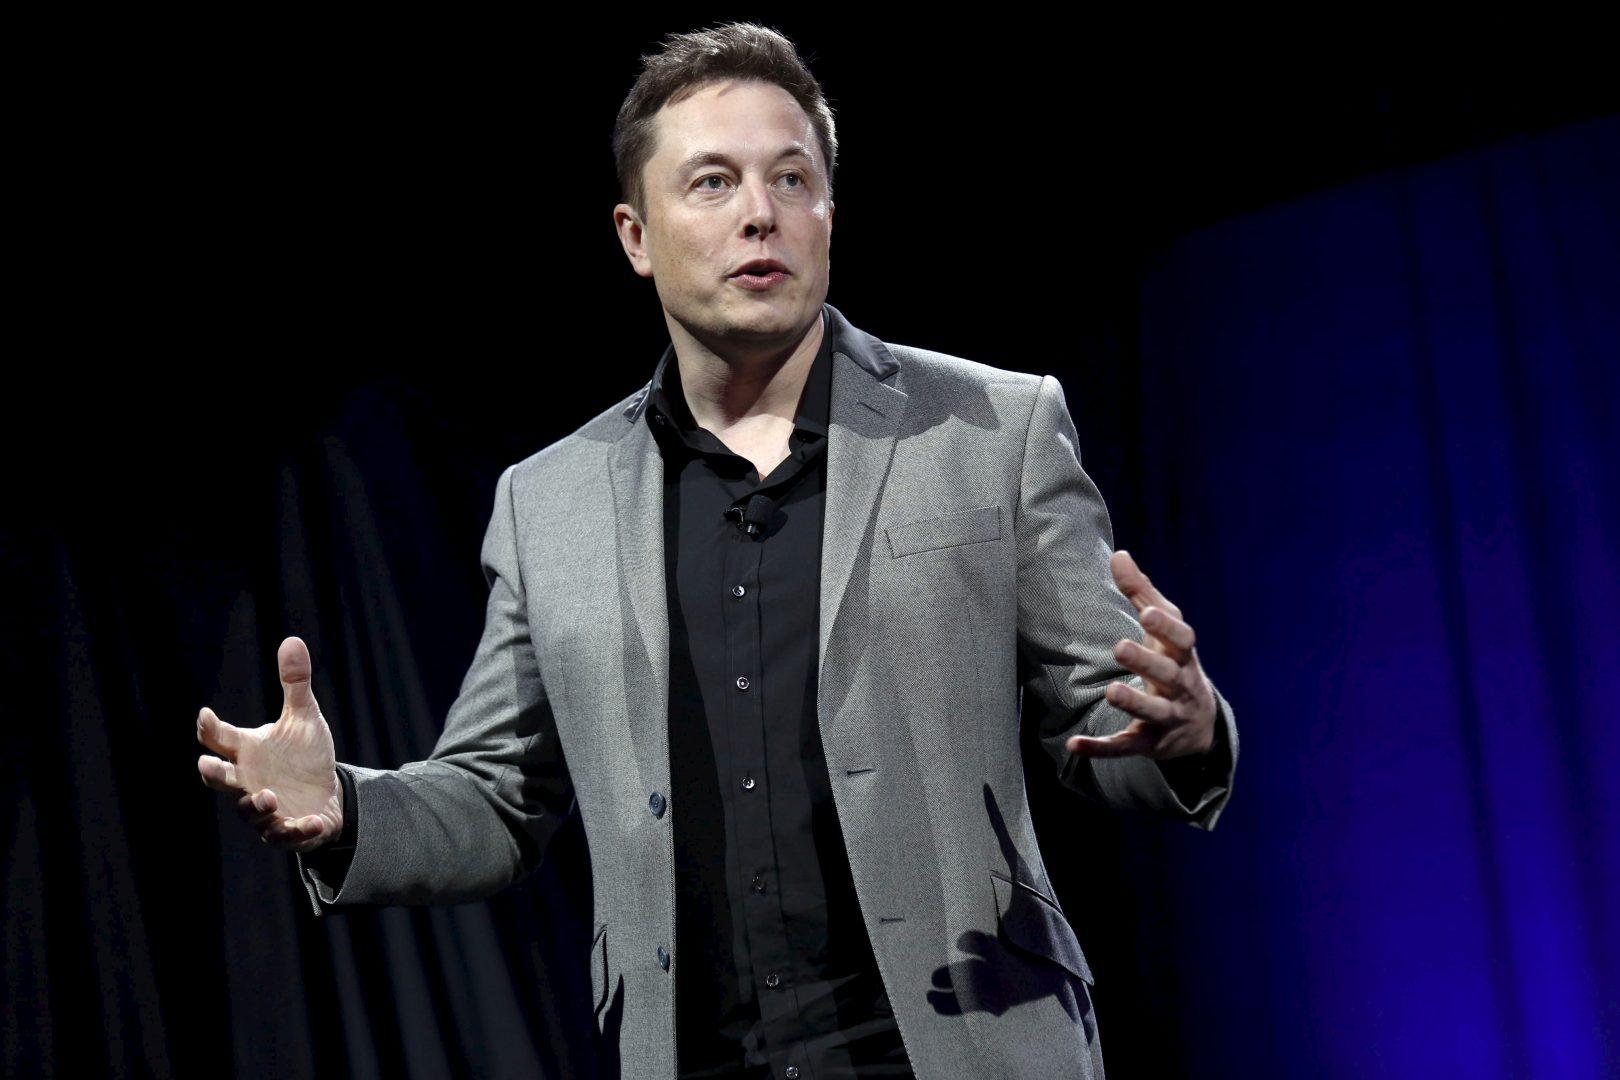 Întrebarea pe care Elon Musk o pune la fiecare interviu de angajare. Ai știi ce să răspunzi?